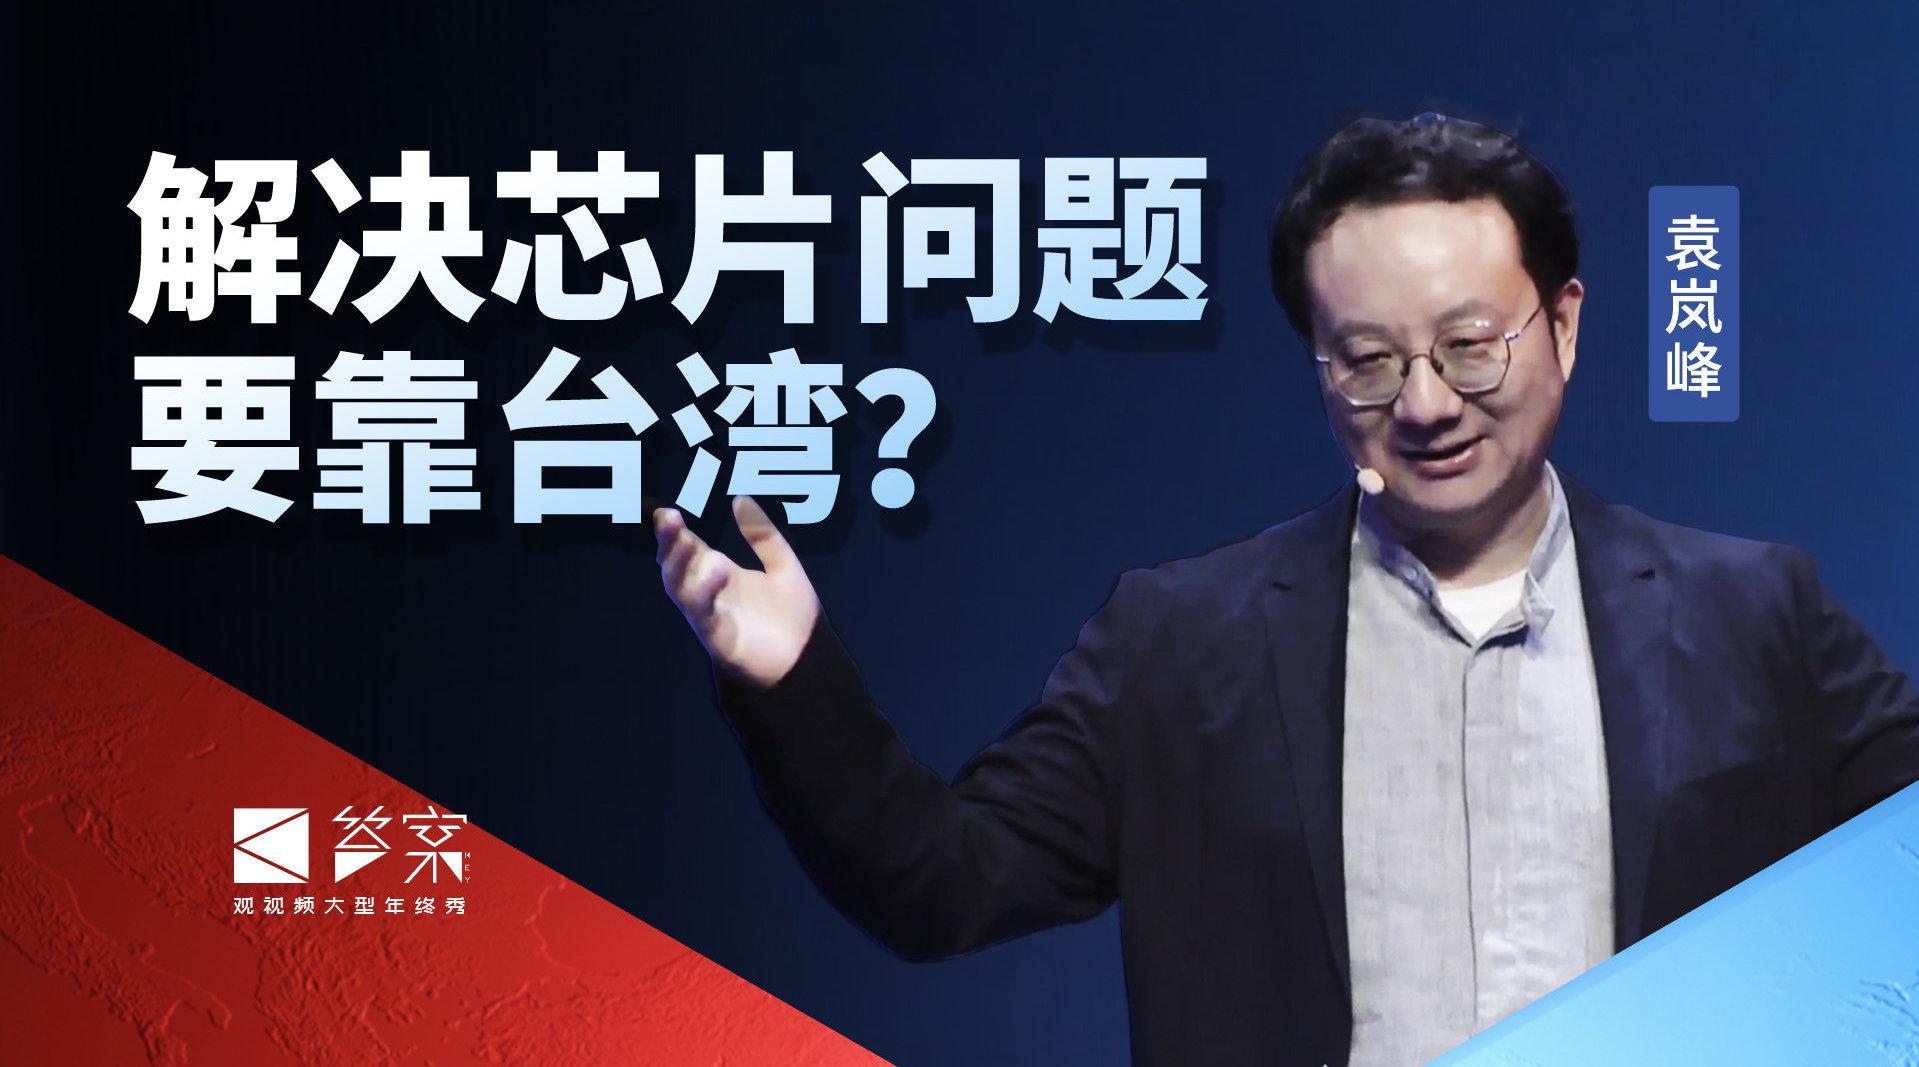 袁岚峰:统一台湾 拿下台积电 中国就能解决芯片问题|……